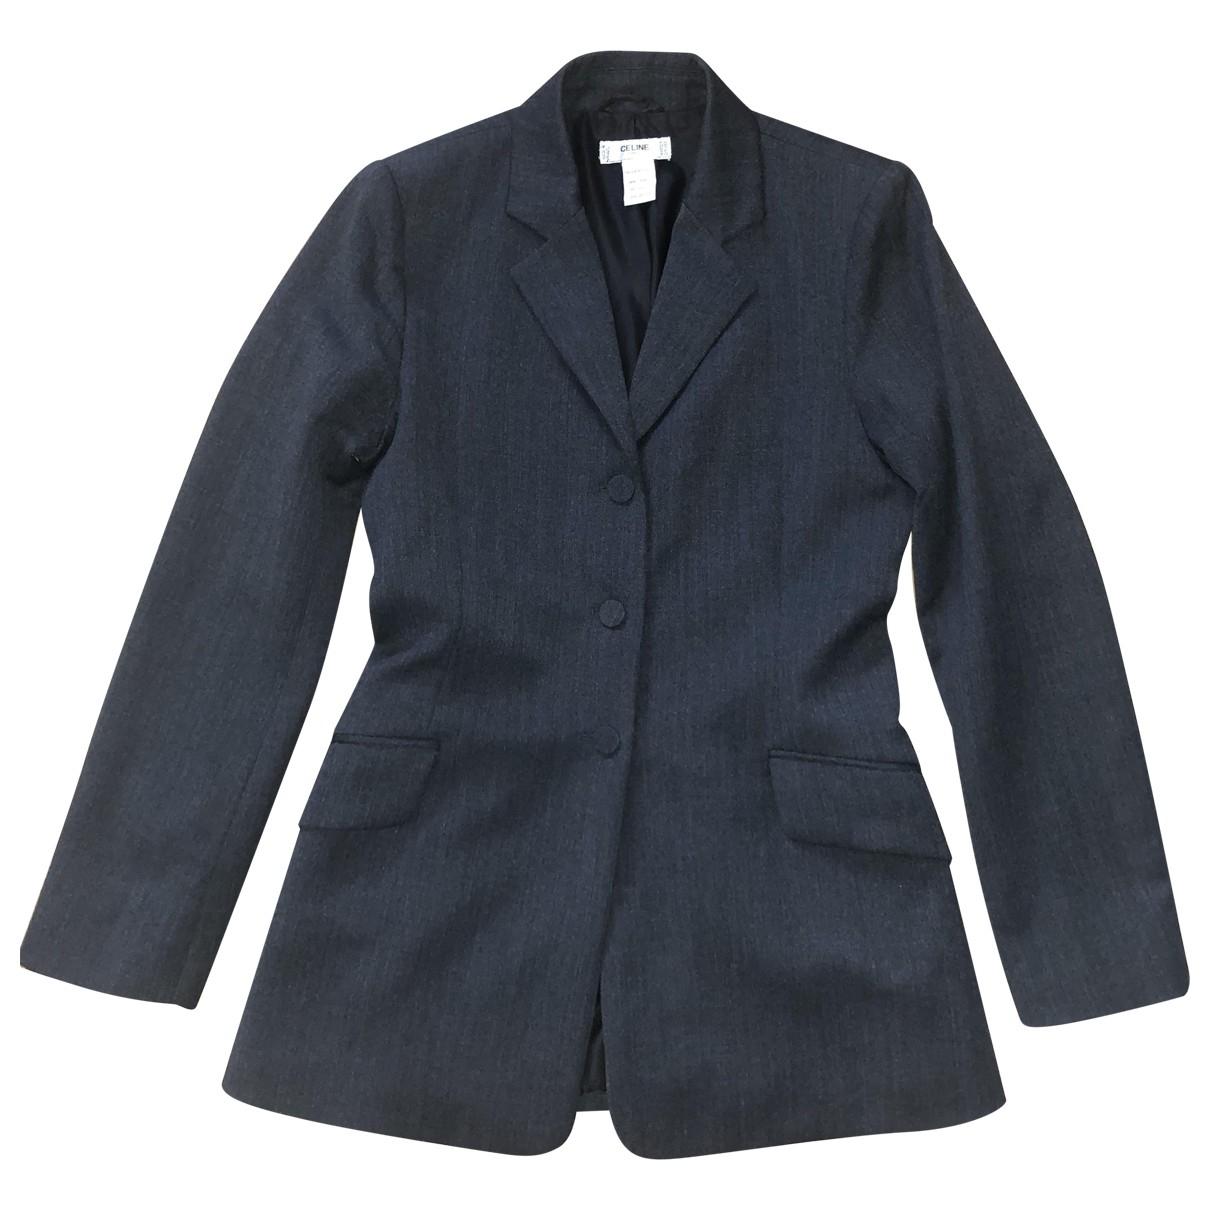 Celine \N Grey Wool jacket for Women 42 IT